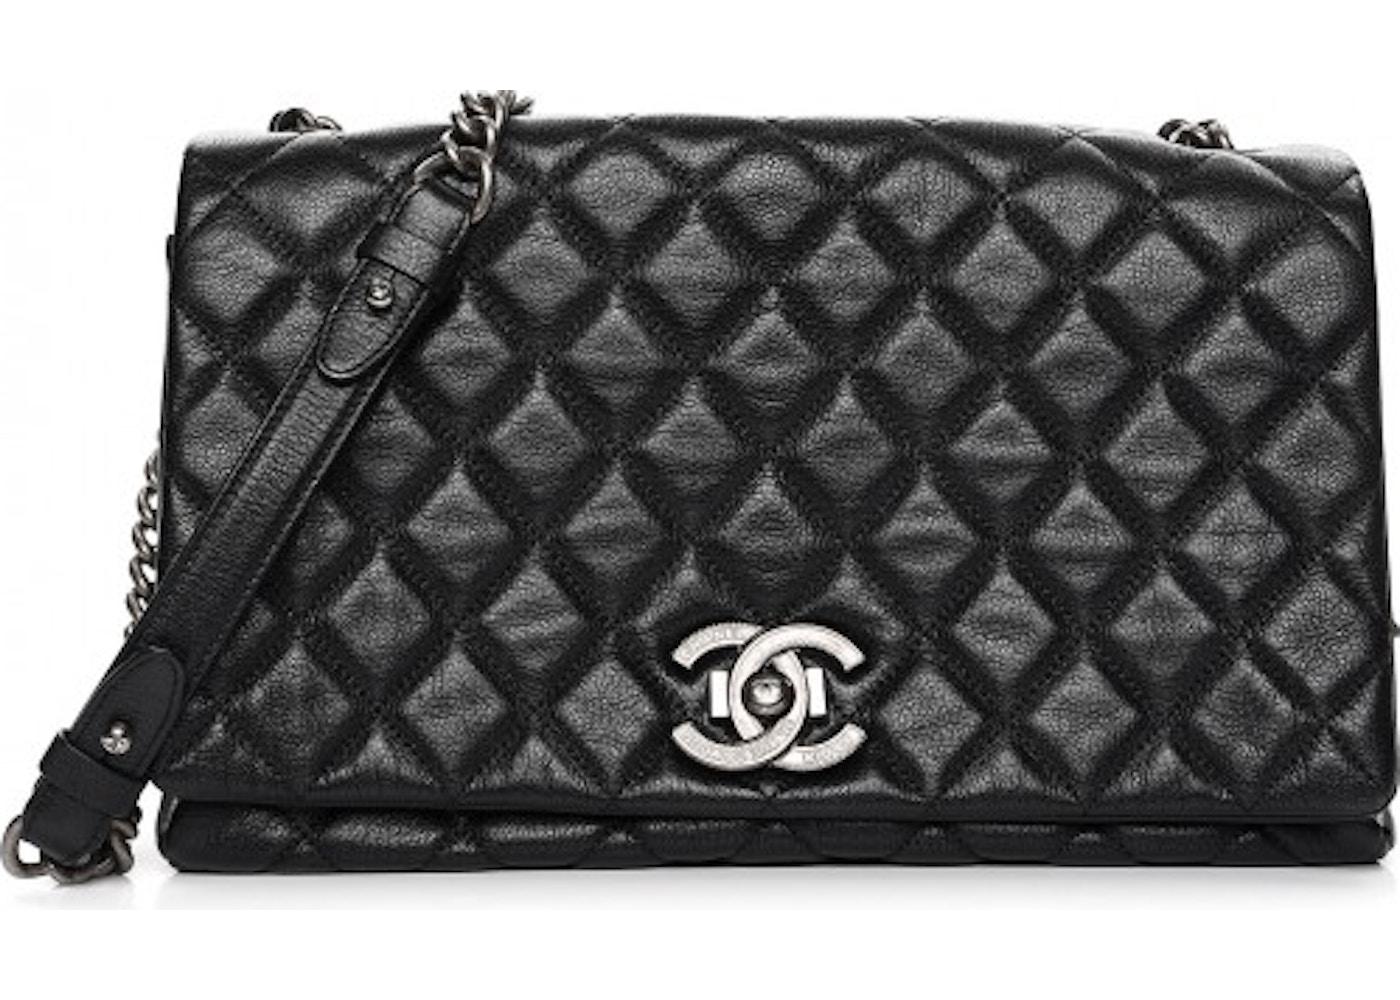 a9e28c77de3d Chanel City Rock Flap Quilted Diamond Metallic Large Black. Quilted Diamond  Metallic Large Black